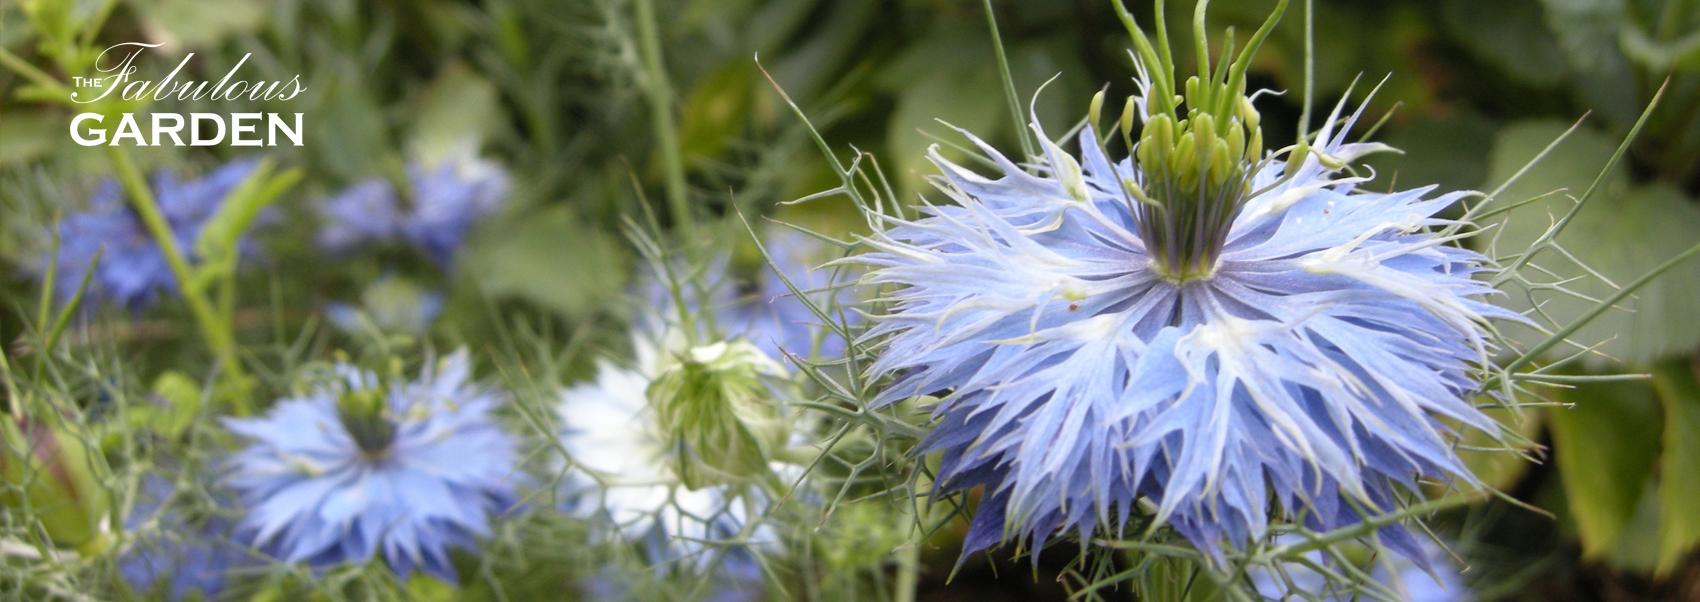 Plant profile: Nigella